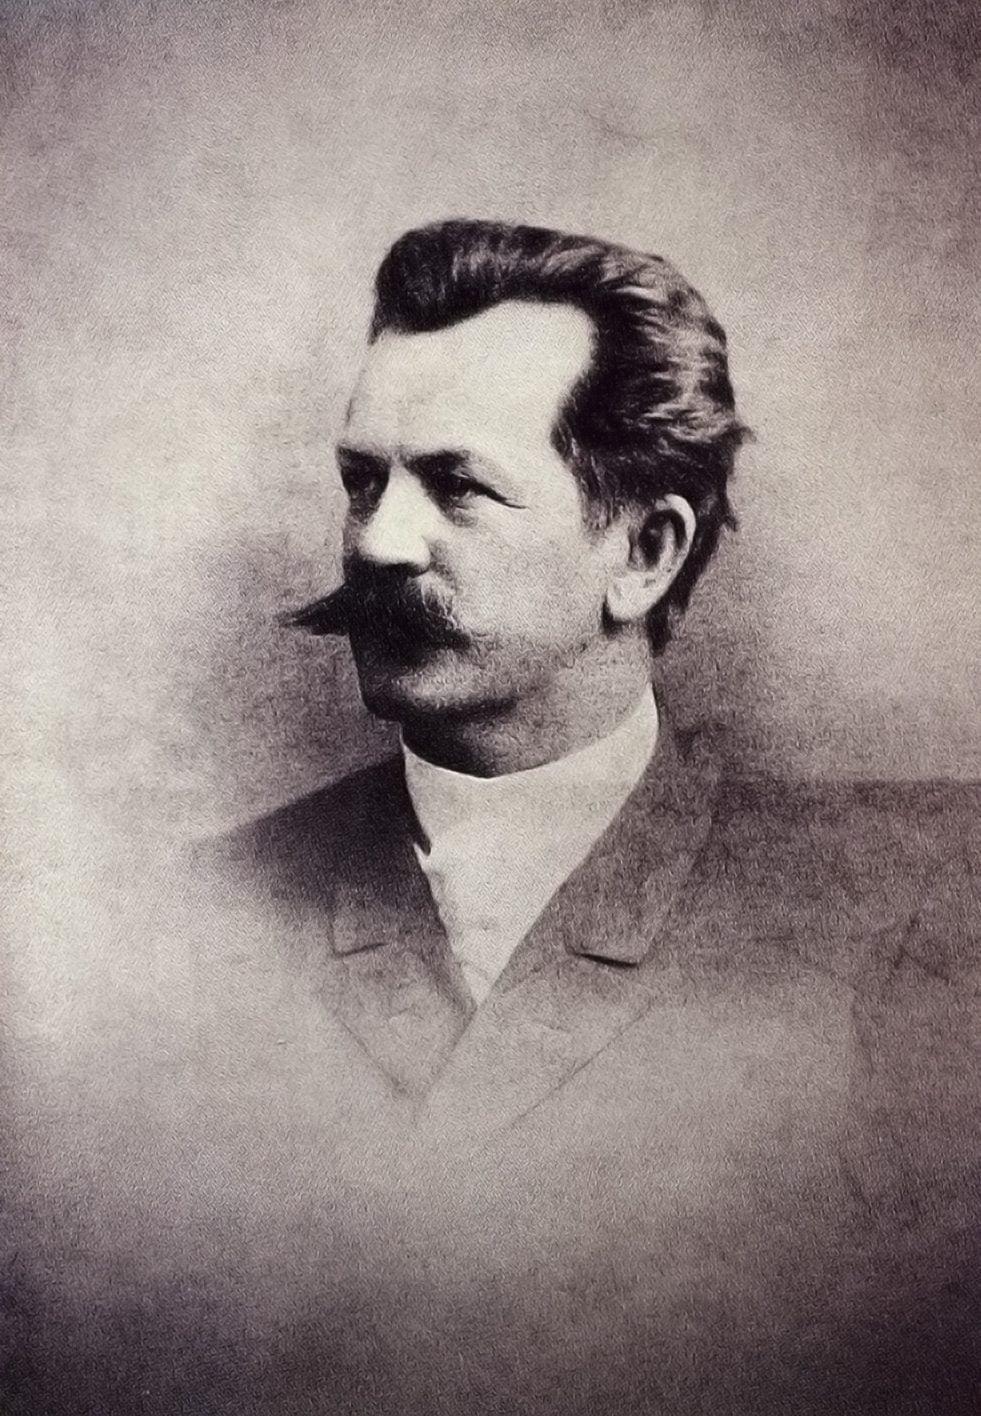 Τσίλλερ, αρχιτέκτονας